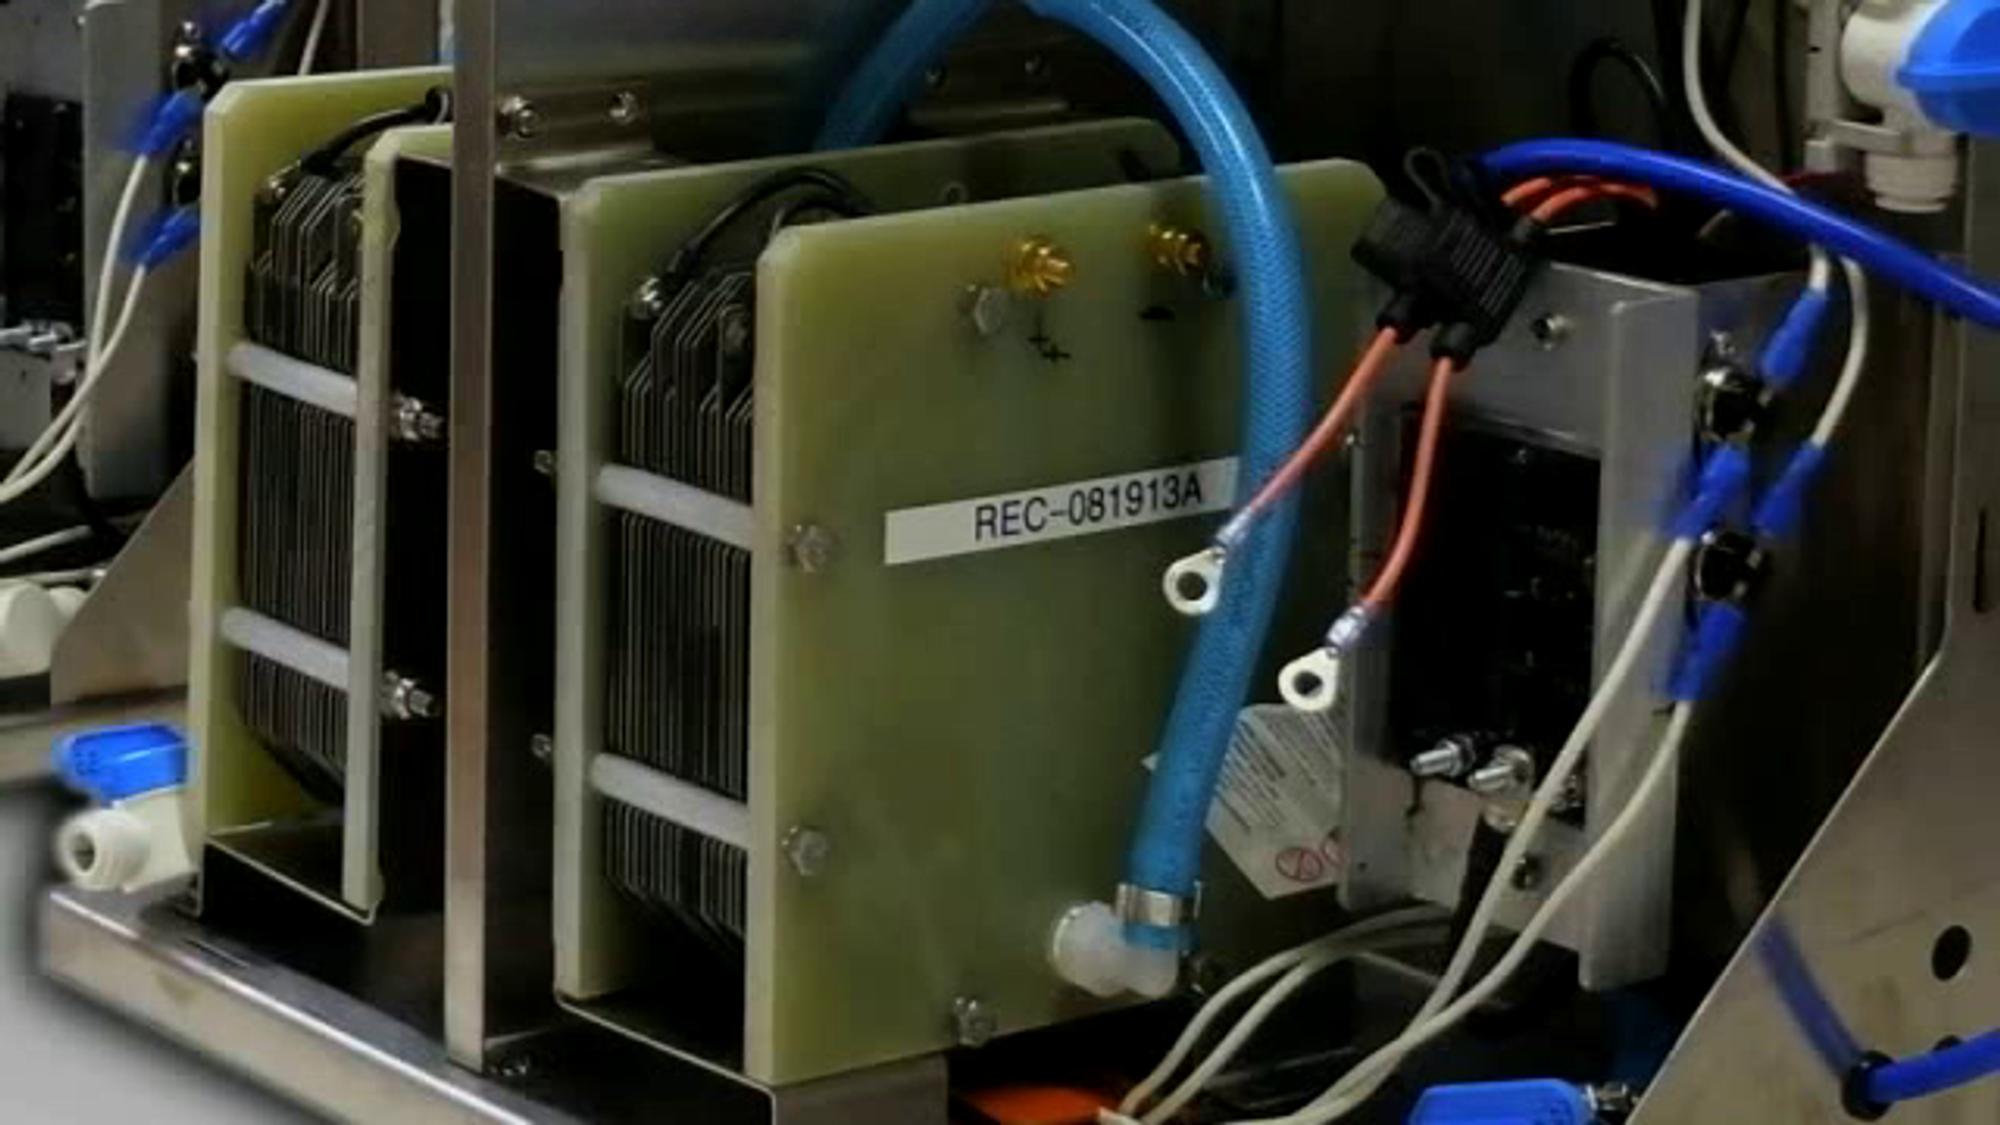 Norsk gründer med omstridt teknologi: Mener vann og strøm kan redusere drivstoff-forbruket med 20 prosent